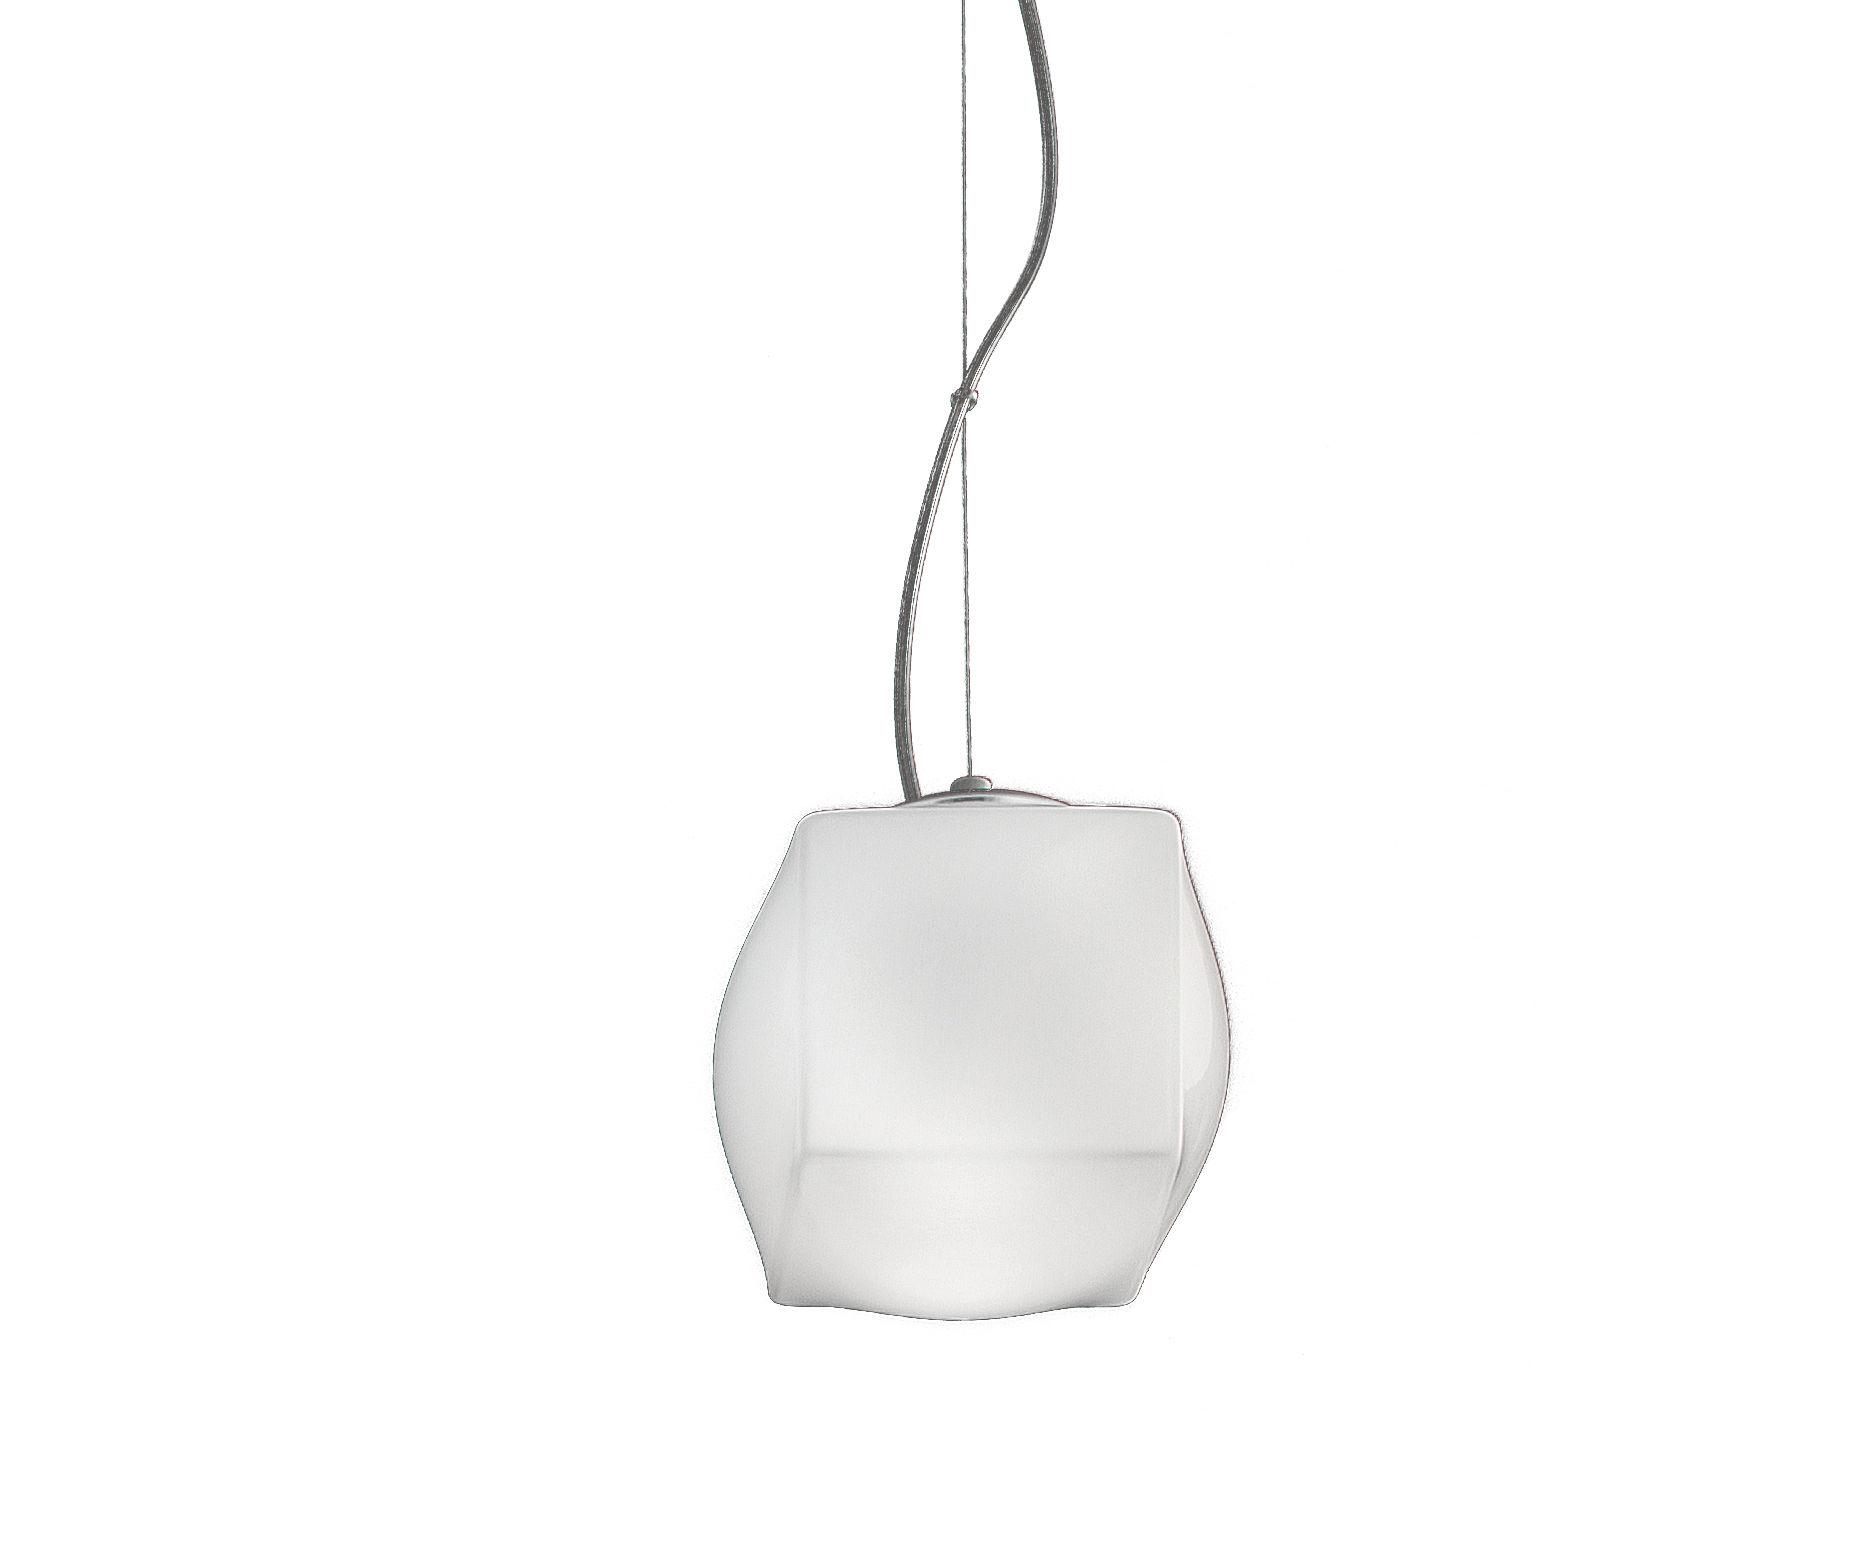 Illuminazione - Lampadari - Sospensione Macondo Small / Ø 15 cm - Nemo - Ø 15 cm / Bianco - Metallo cromato, Vetro soffiato a bocca